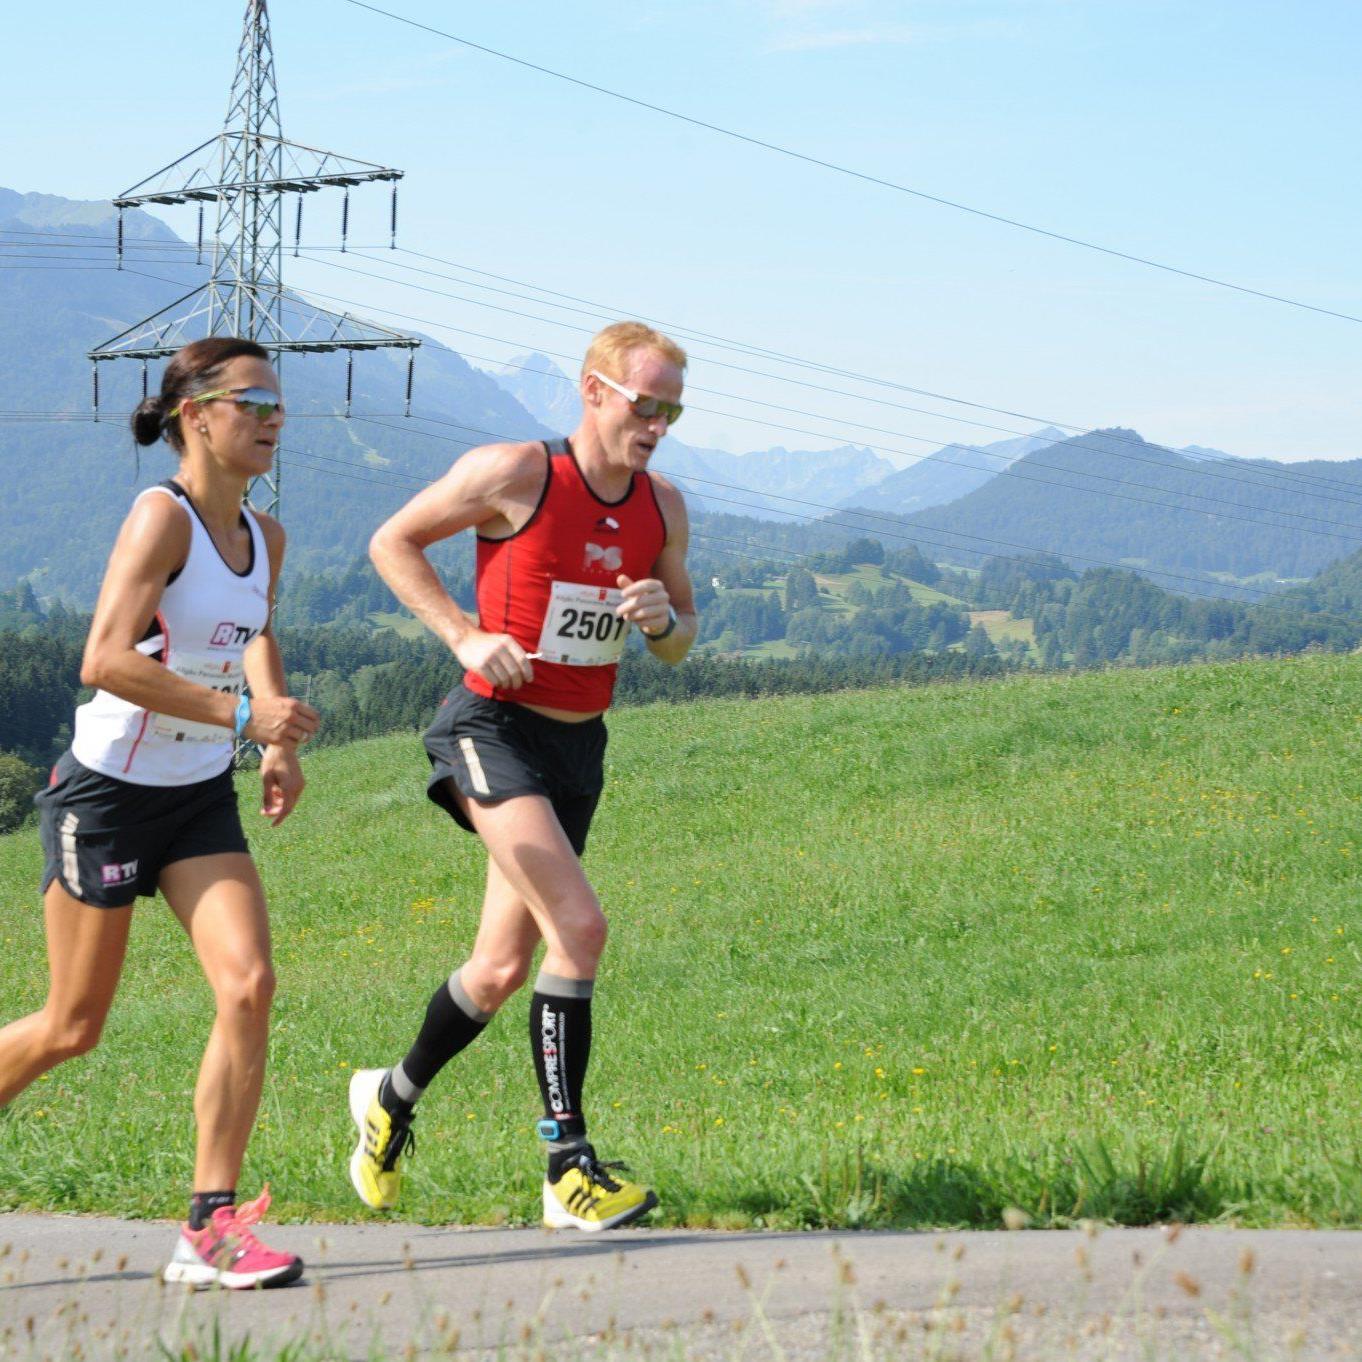 Die Andelsbucherin Sandra Urach wurde beim Halbmarathon in der Wachau Vierte und verpasste das Podest knapp.